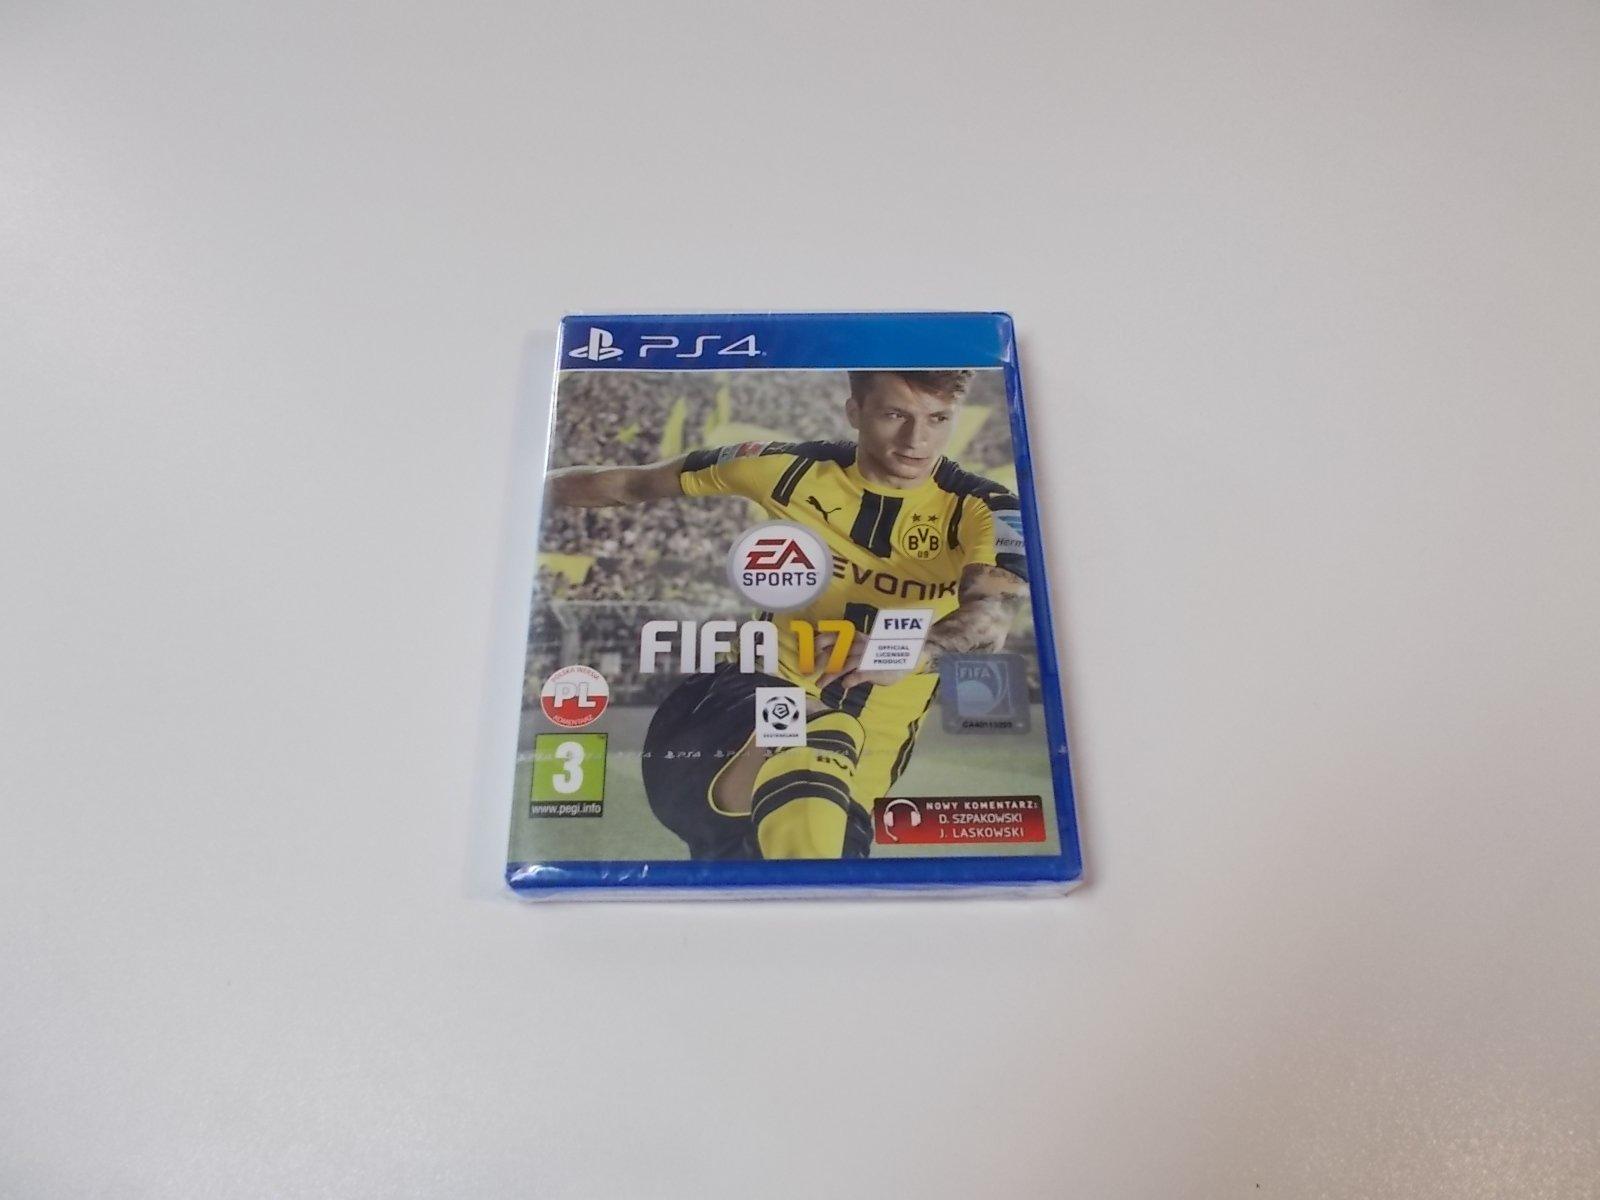 FIFA 17 - GRA Ps4 - Opole 0551